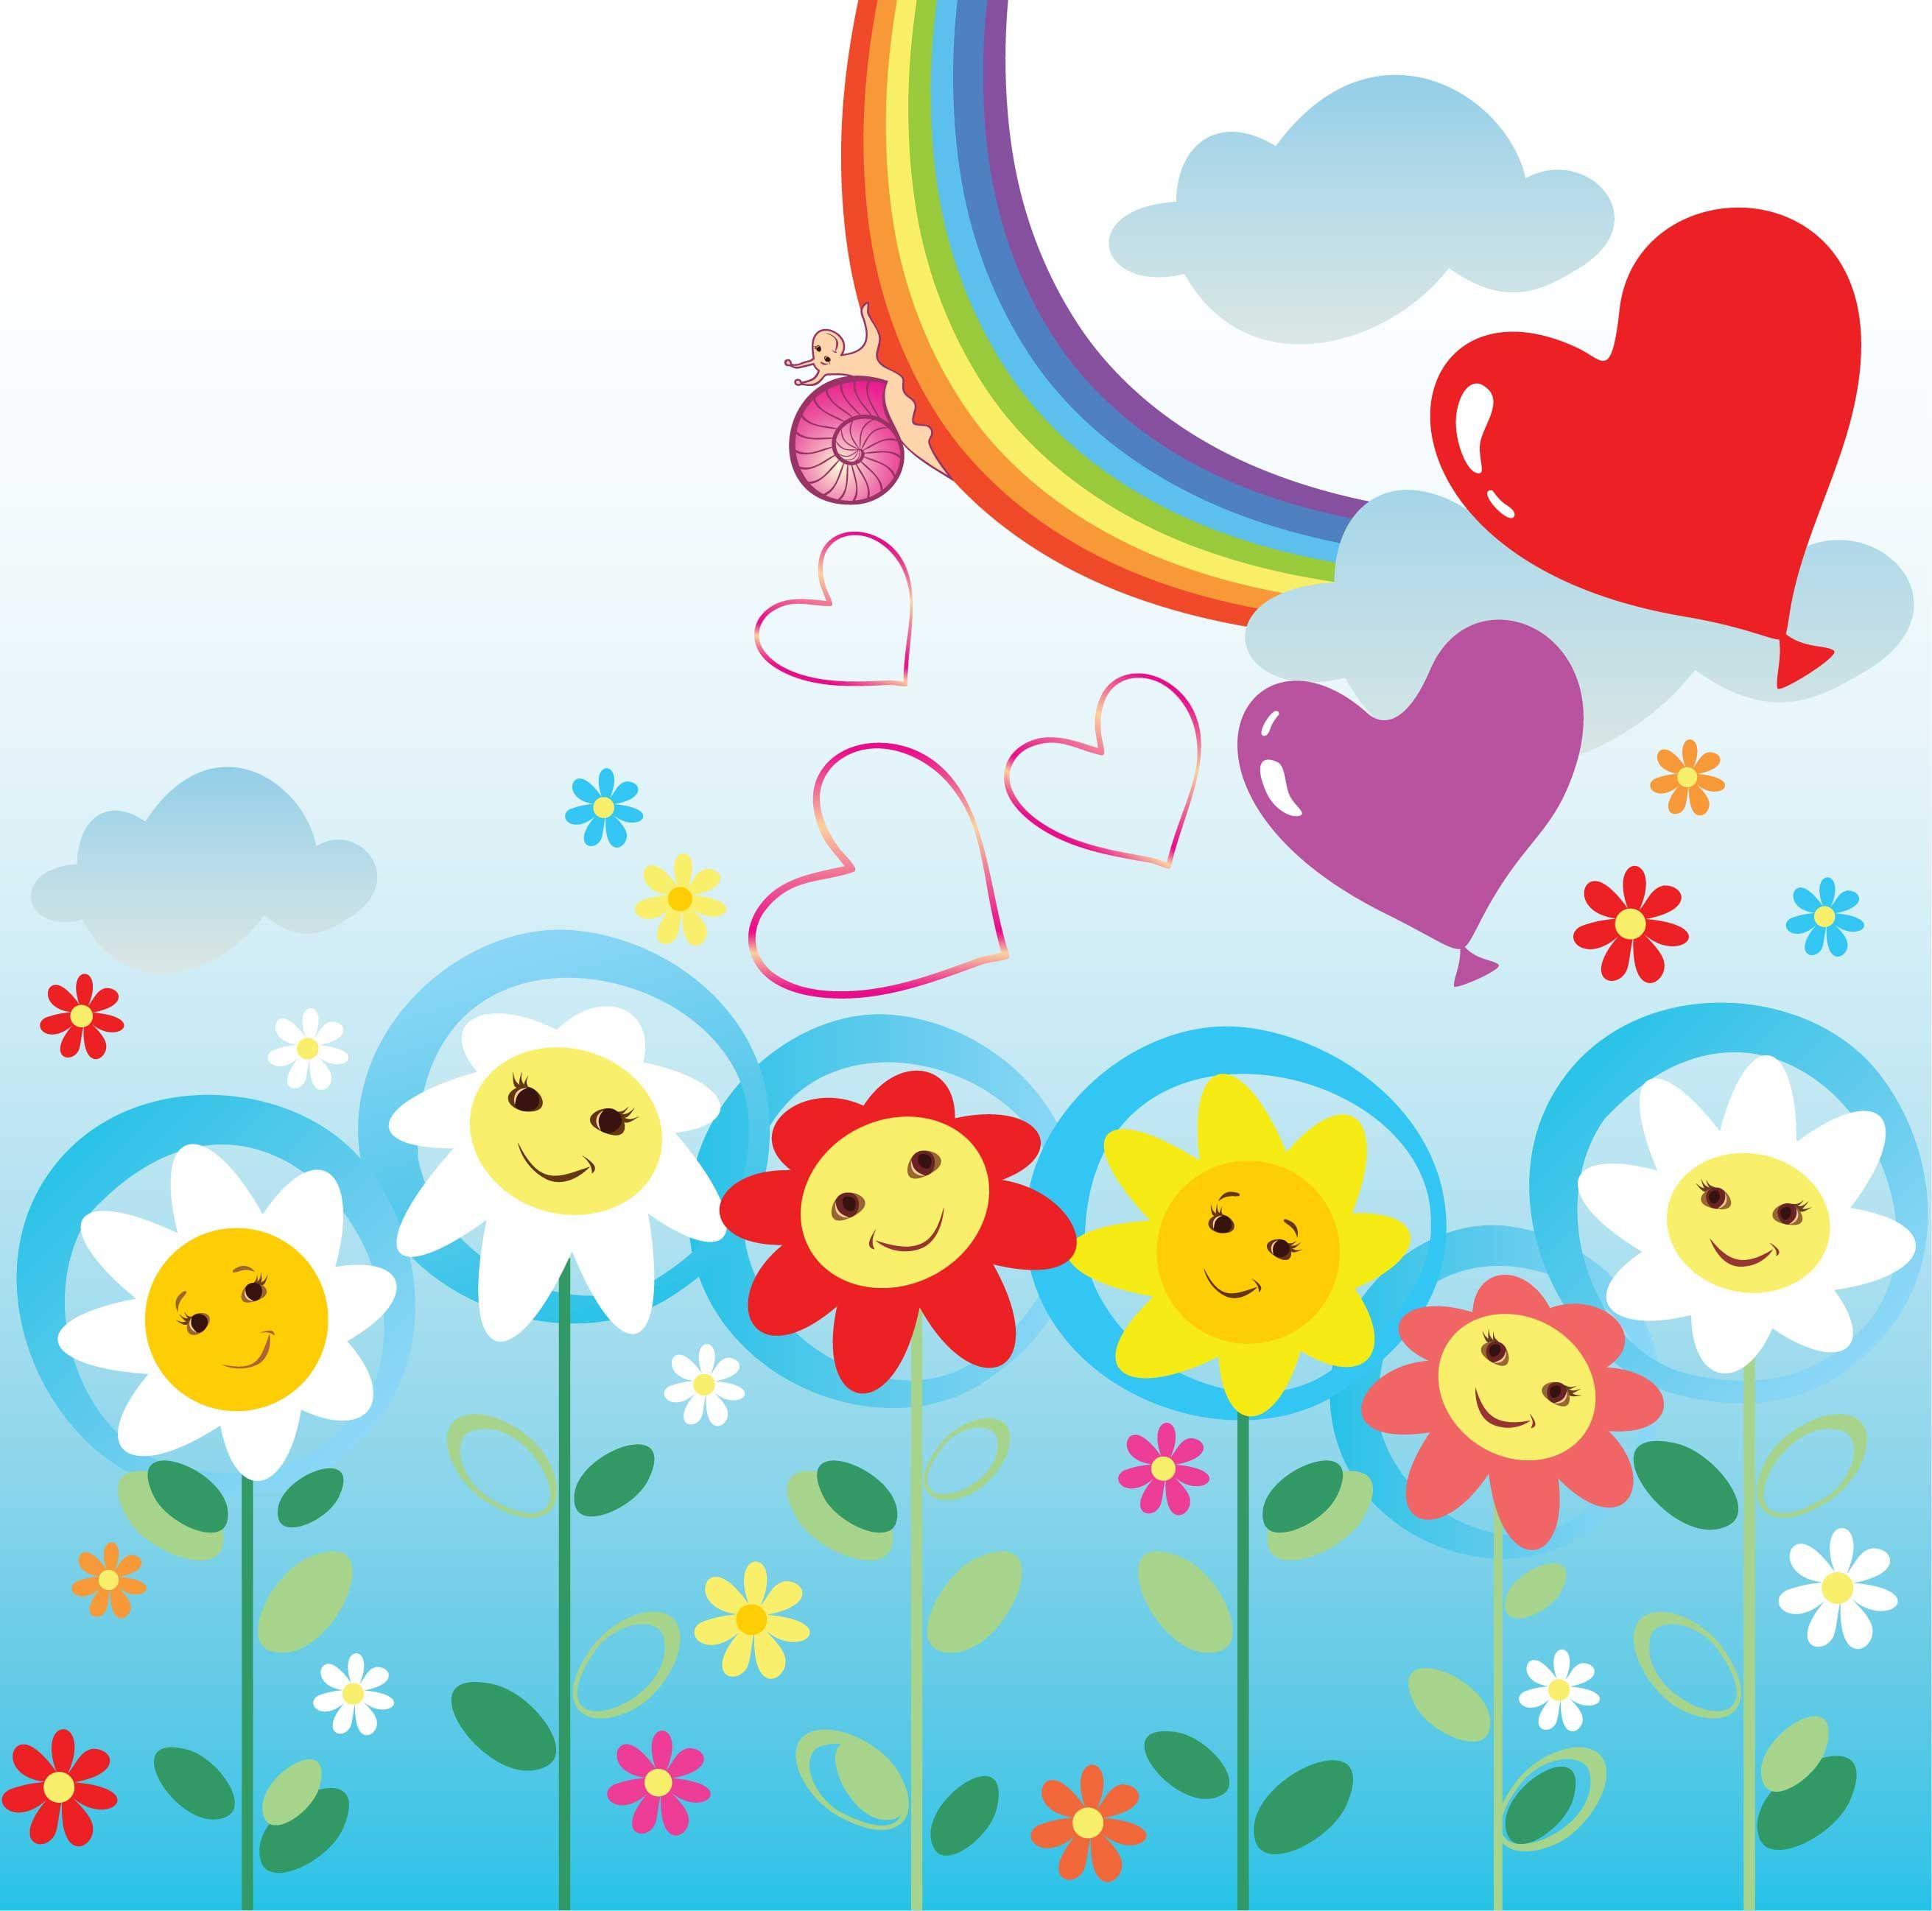 カラフルなのイラスト フリー素材 背景 壁紙no 643 虹 ハート 笑顔 虹 イラスト イラスト 花 イラスト